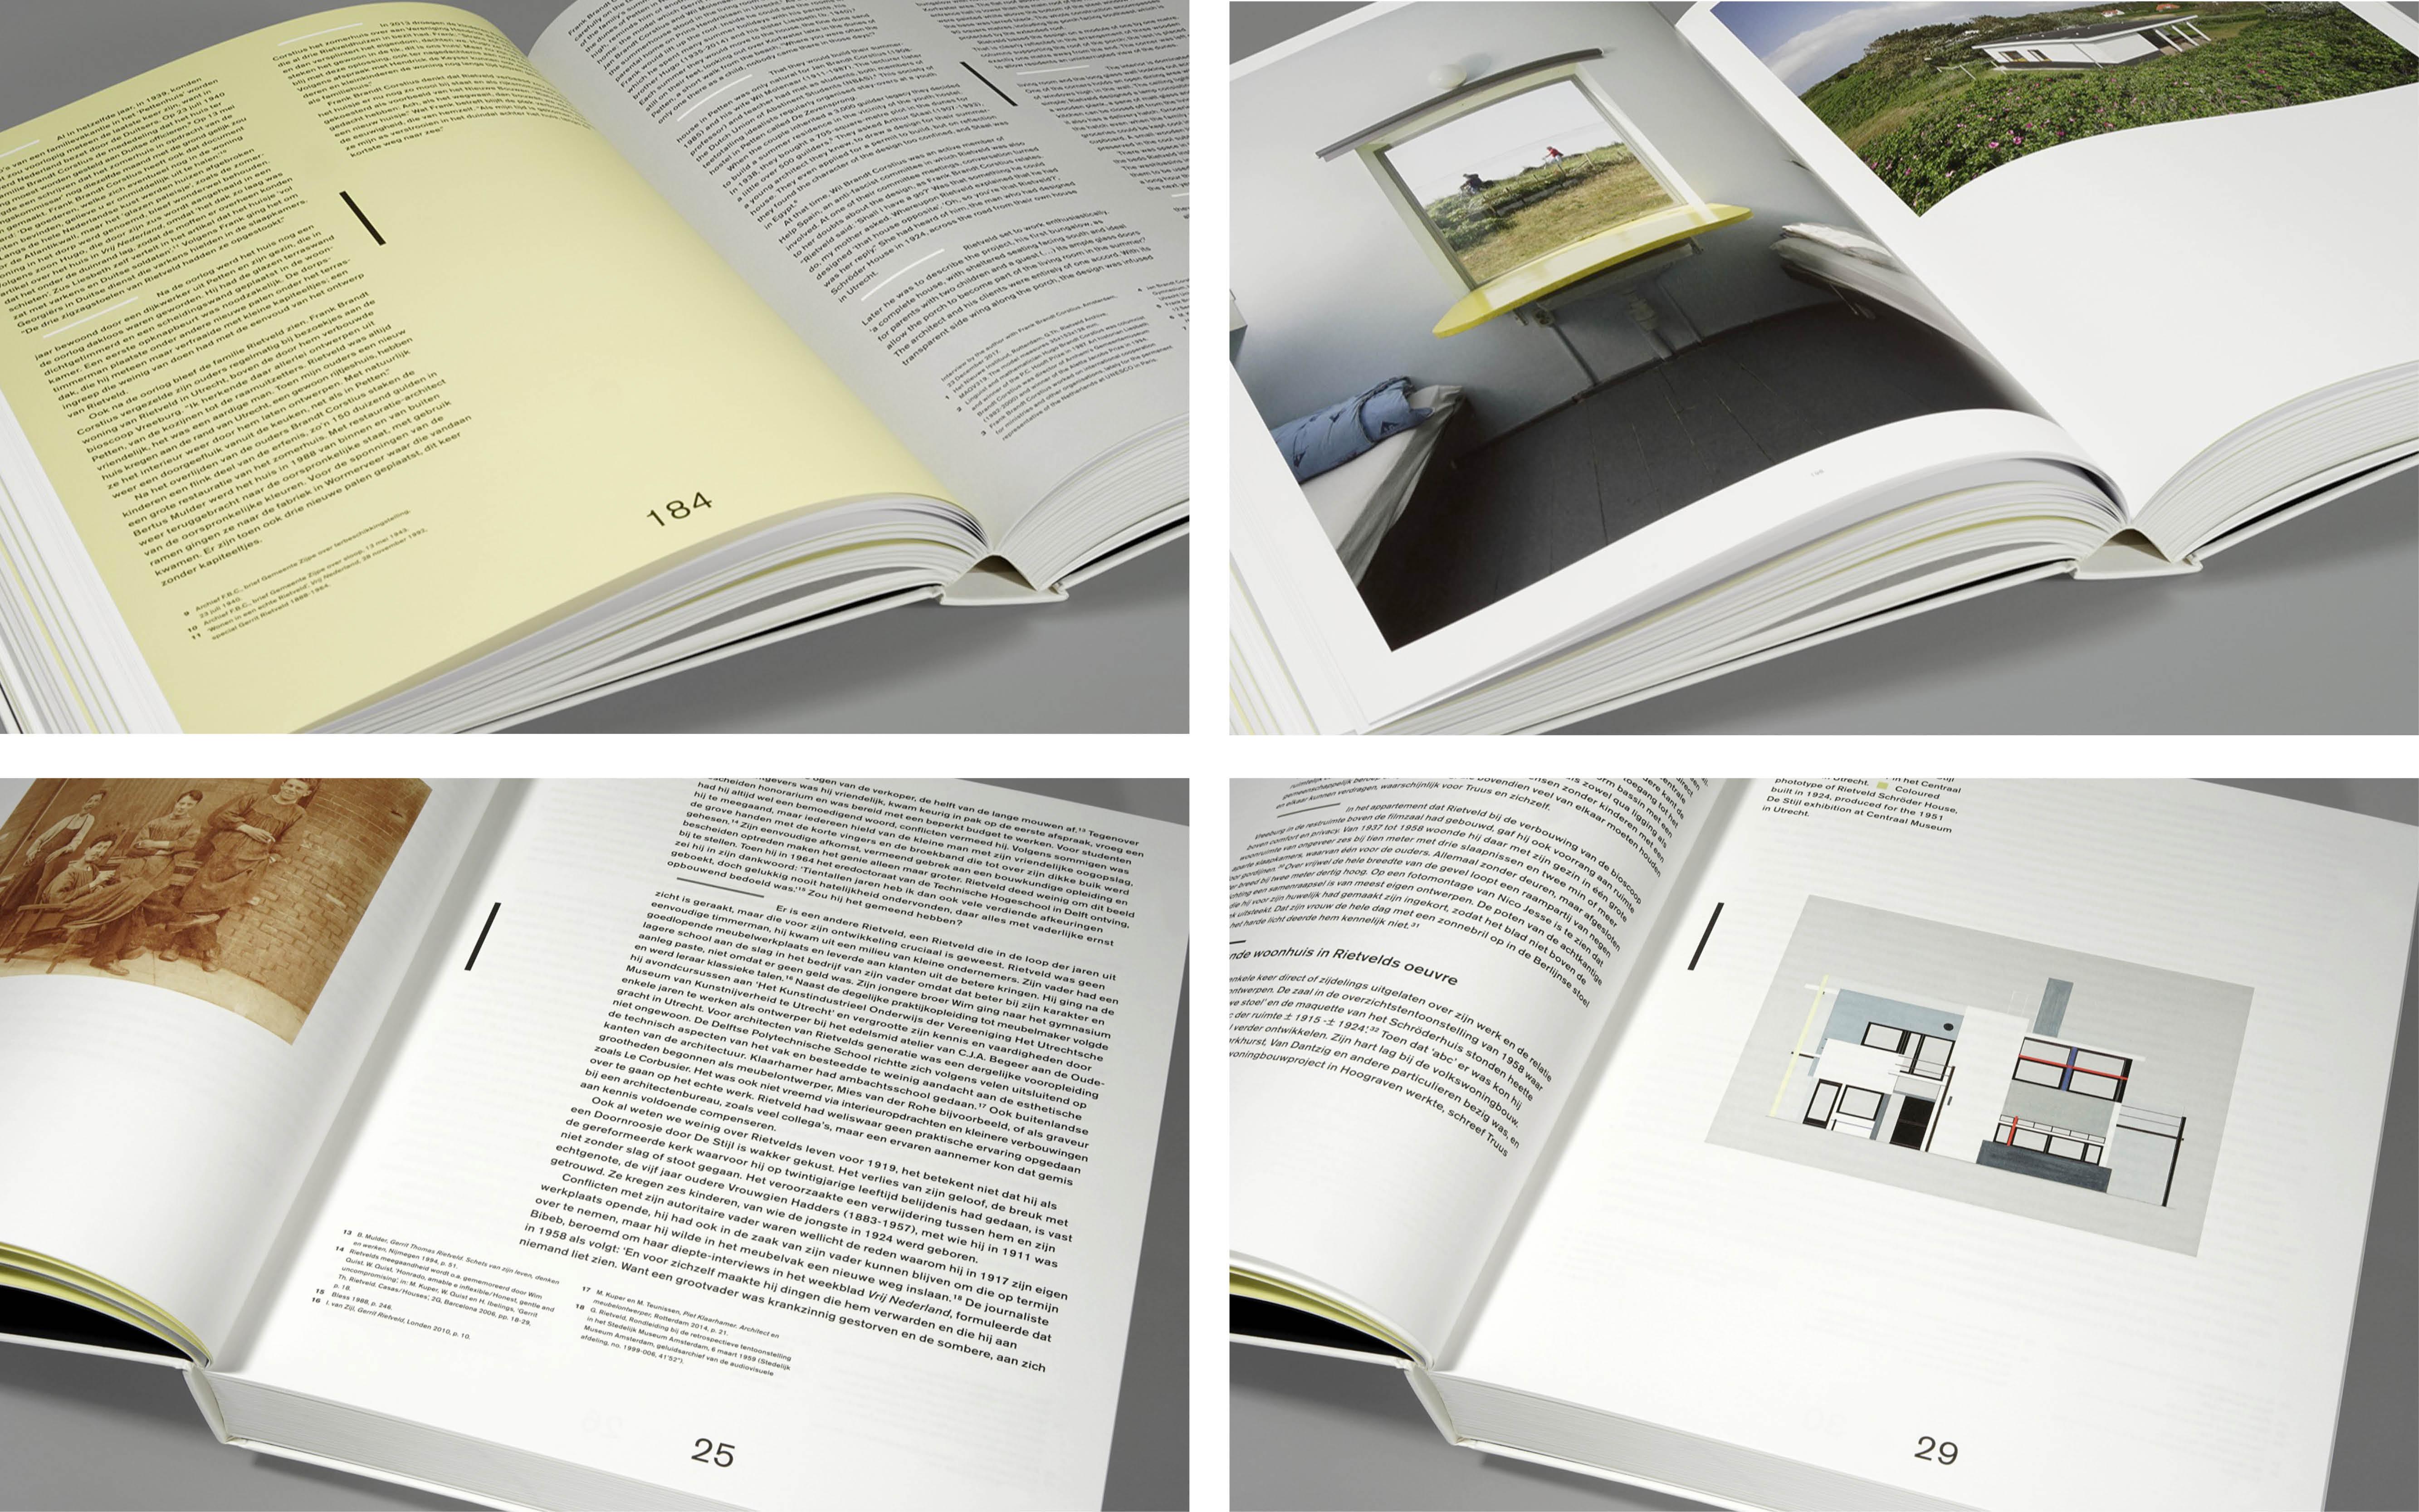 Vier foto's die spreads tonen van het boek Gerrit Rietveld, ontwerp door Beukers Scholma. De Monsterkamer interview